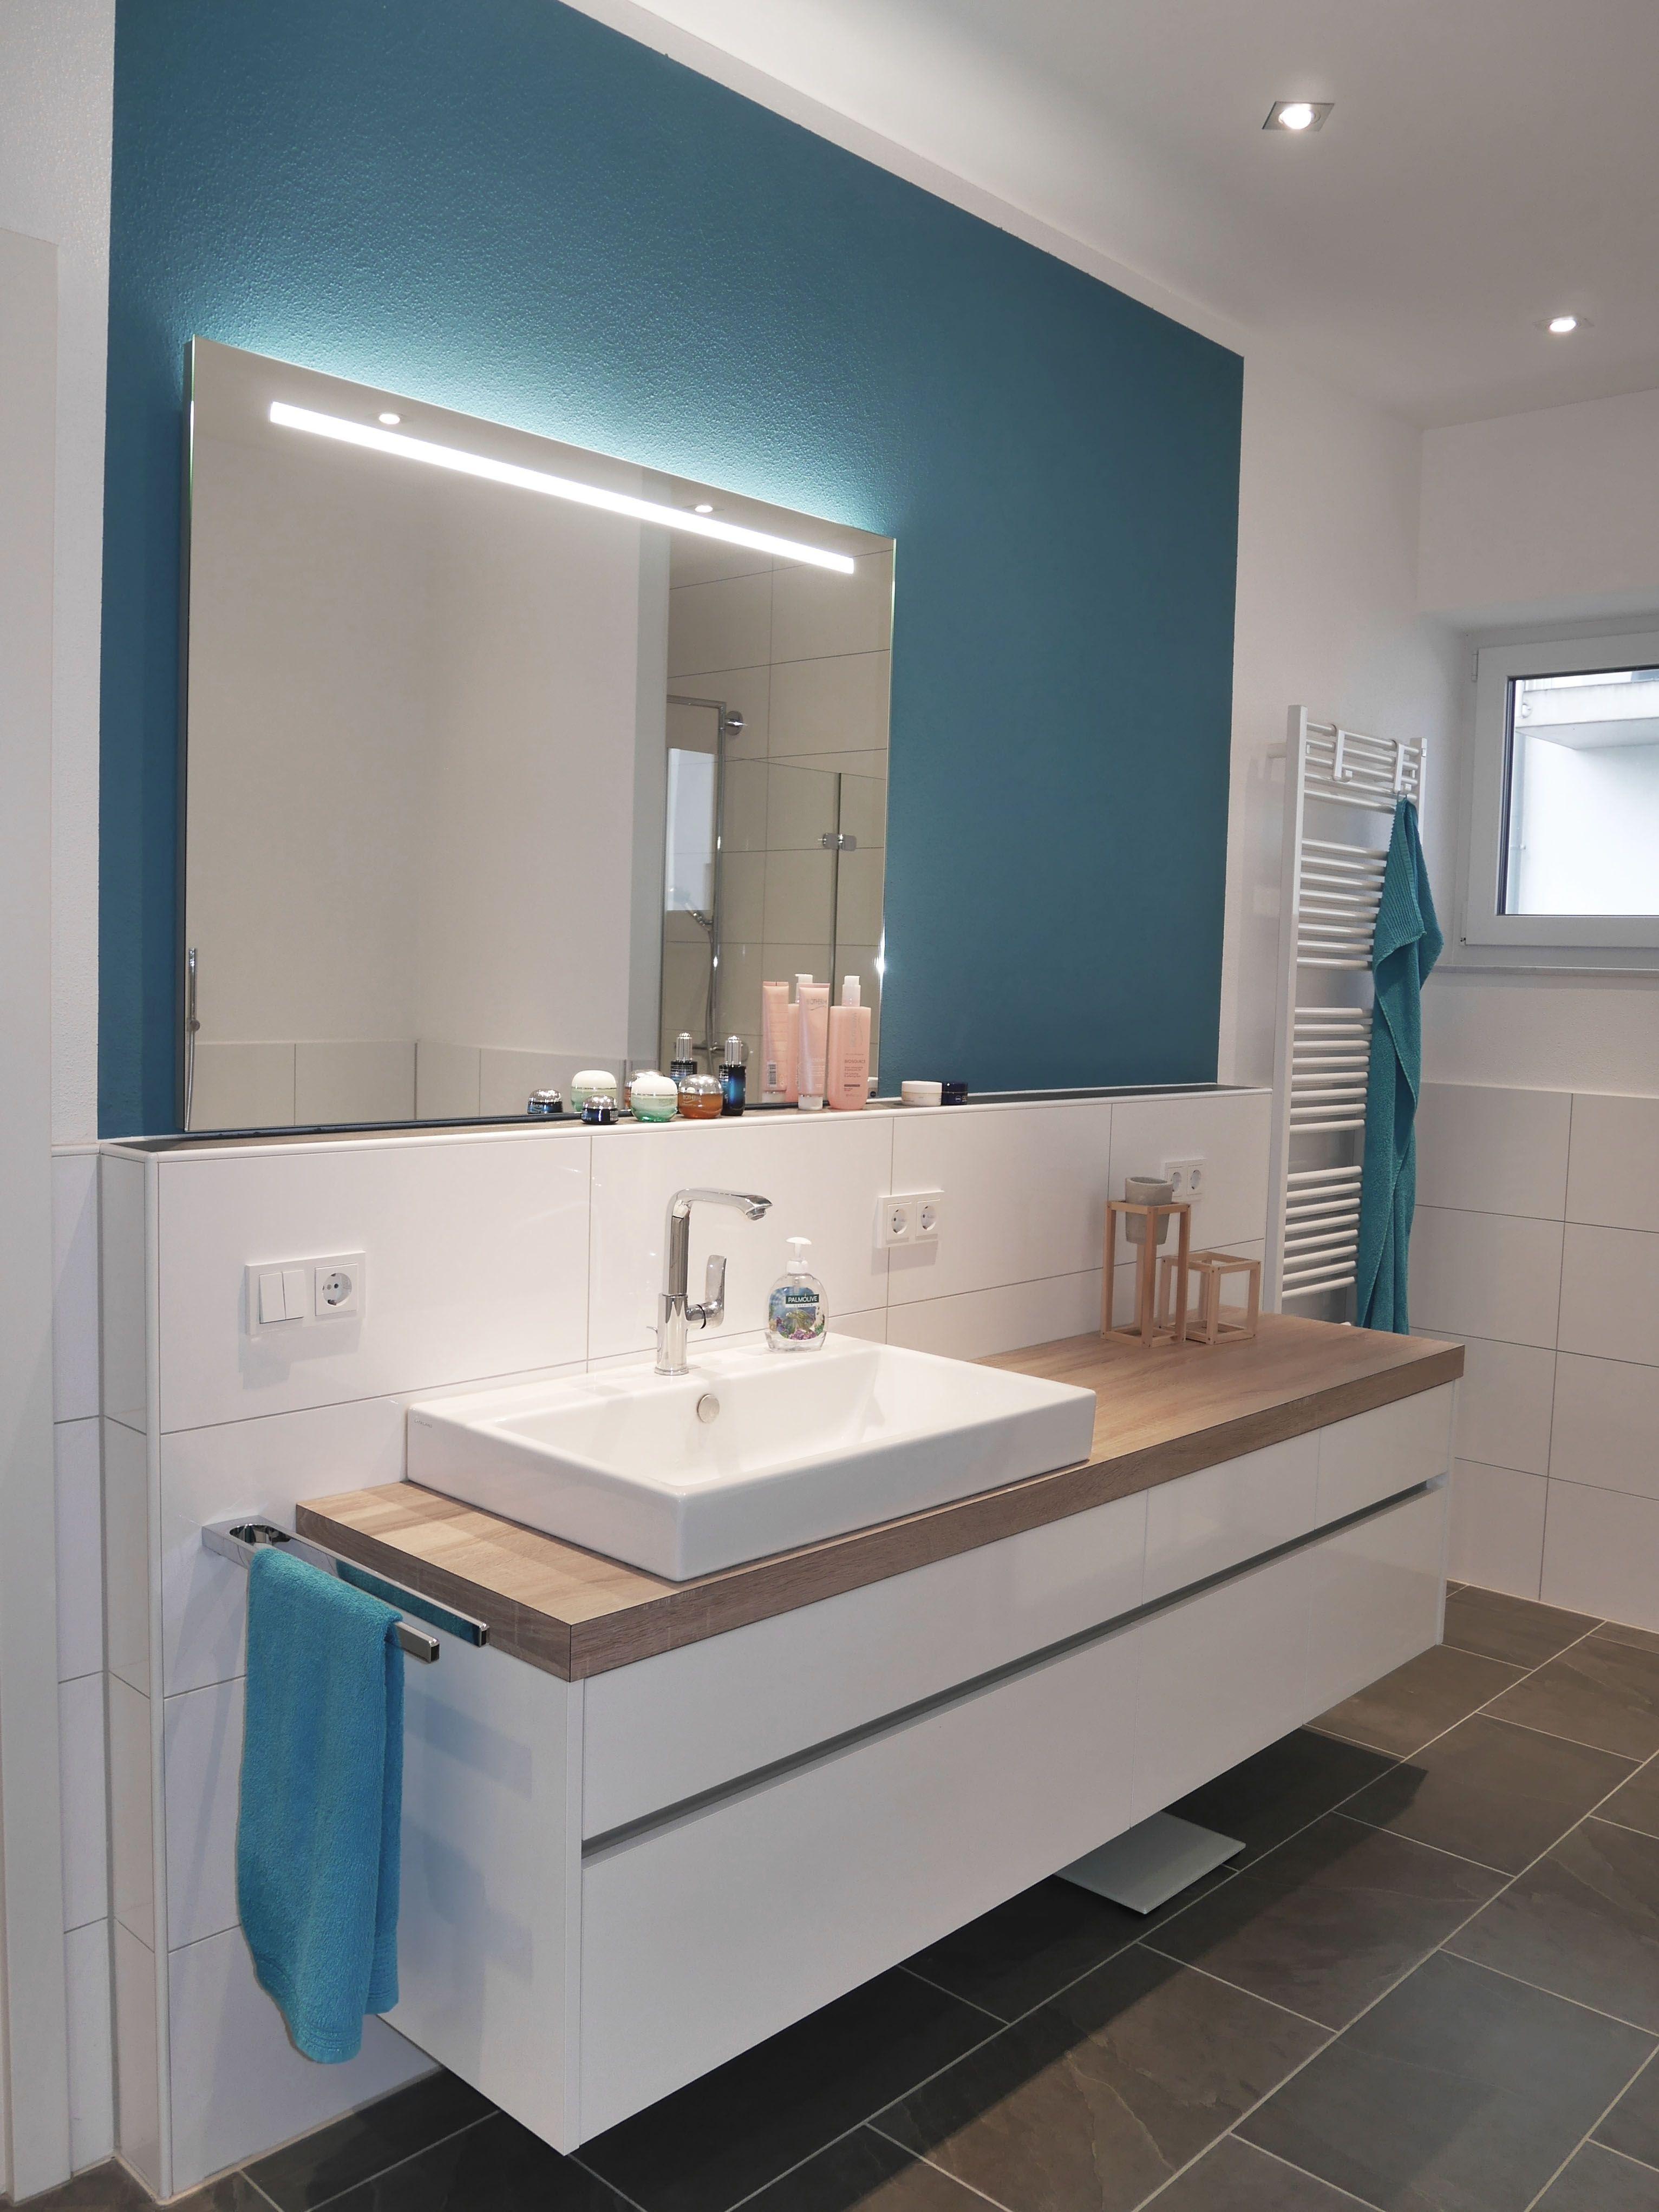 Badezimmer mit 2 waschtischen inspirieren lassen auf  pinterest  bath interiors and bath room